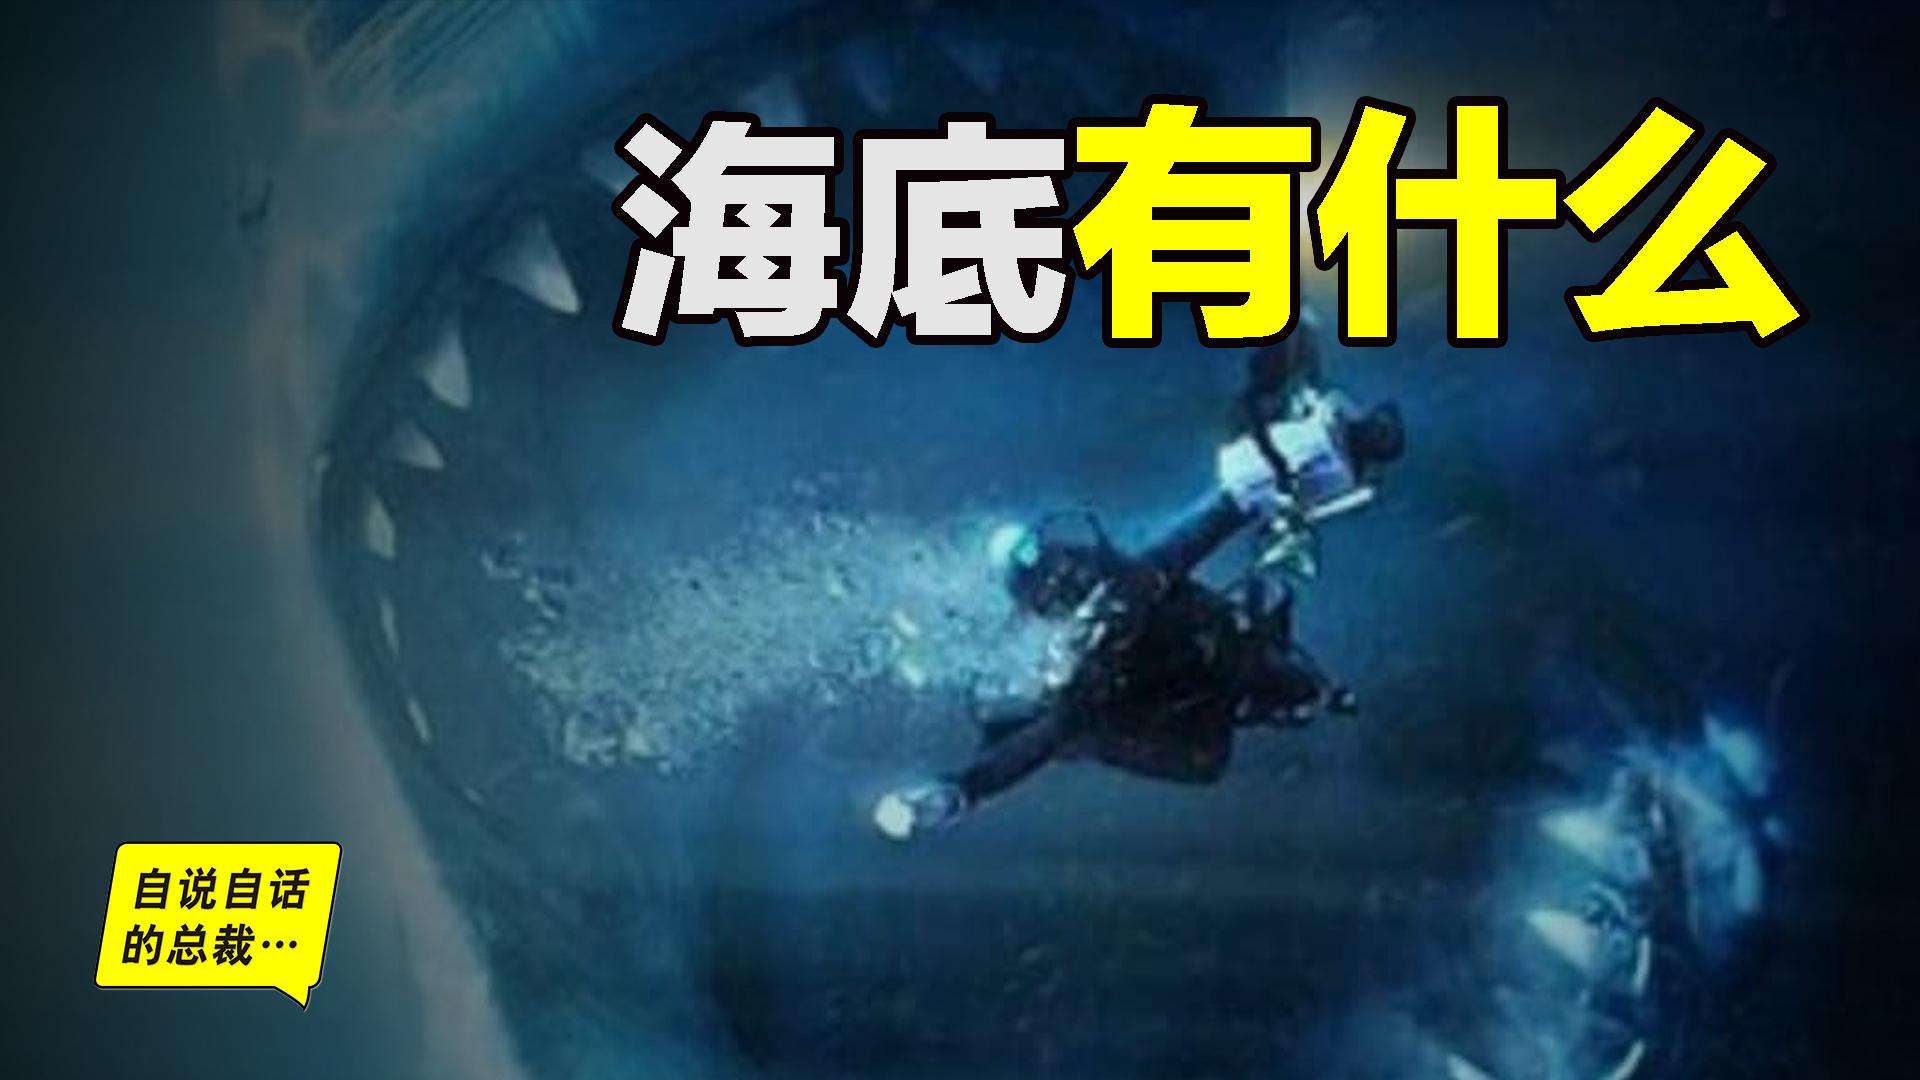 深海探测器无故失踪,海底隐秘的角落里到底有什么?